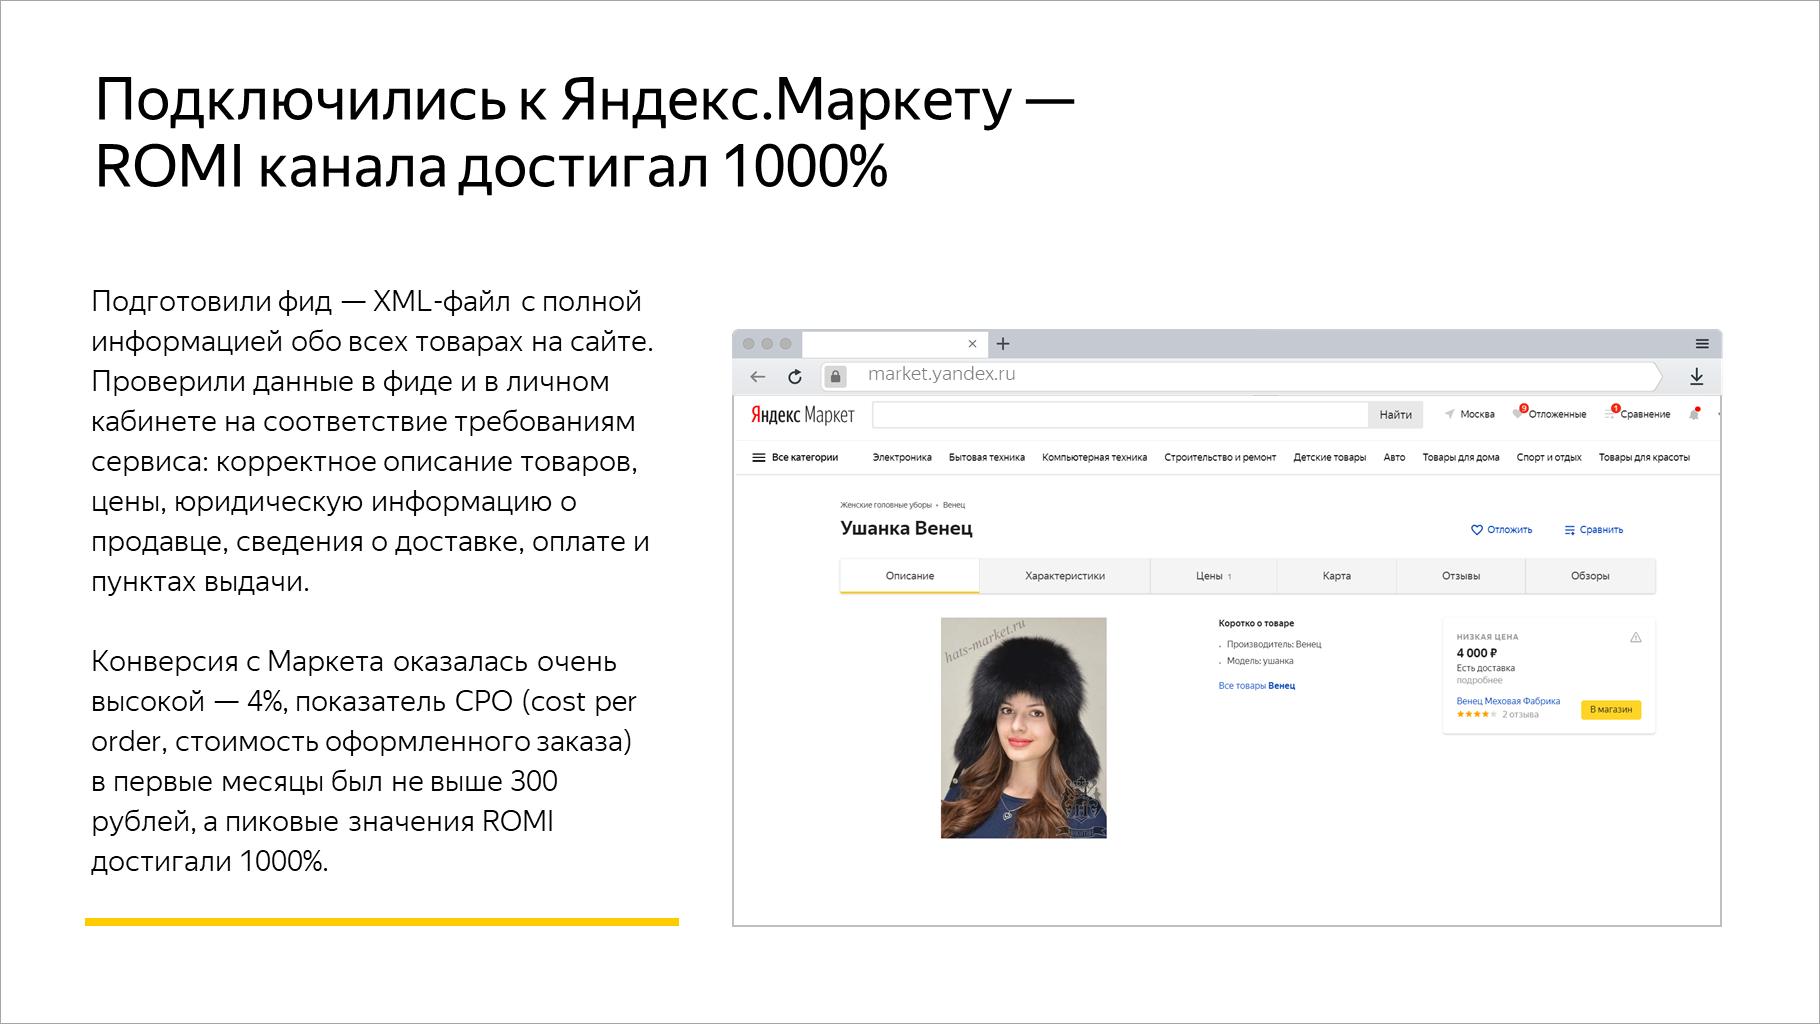 Подключились к Яндекс.Маркету — ROMI канала достигал 1000%